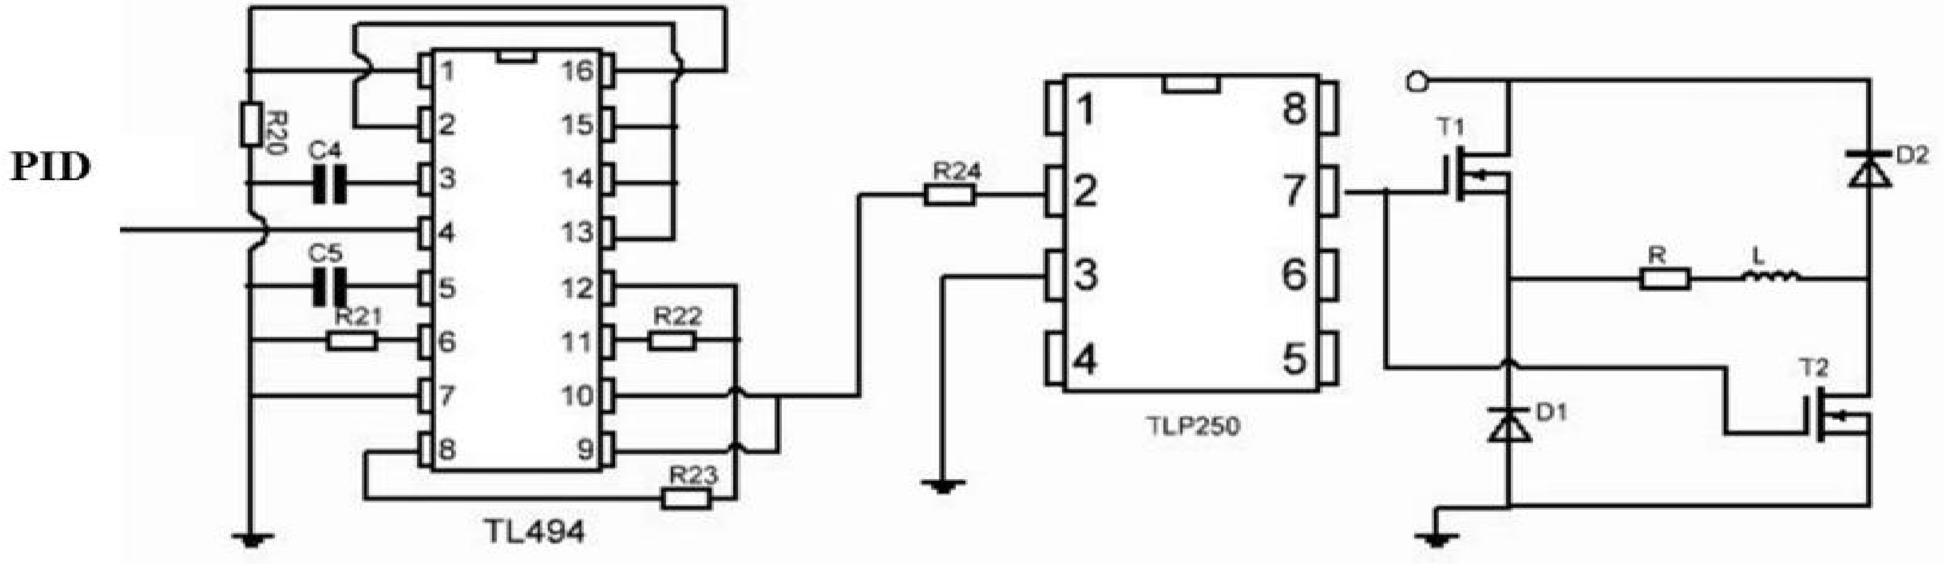 Control circuit design of magnetic suspension stylus measuring